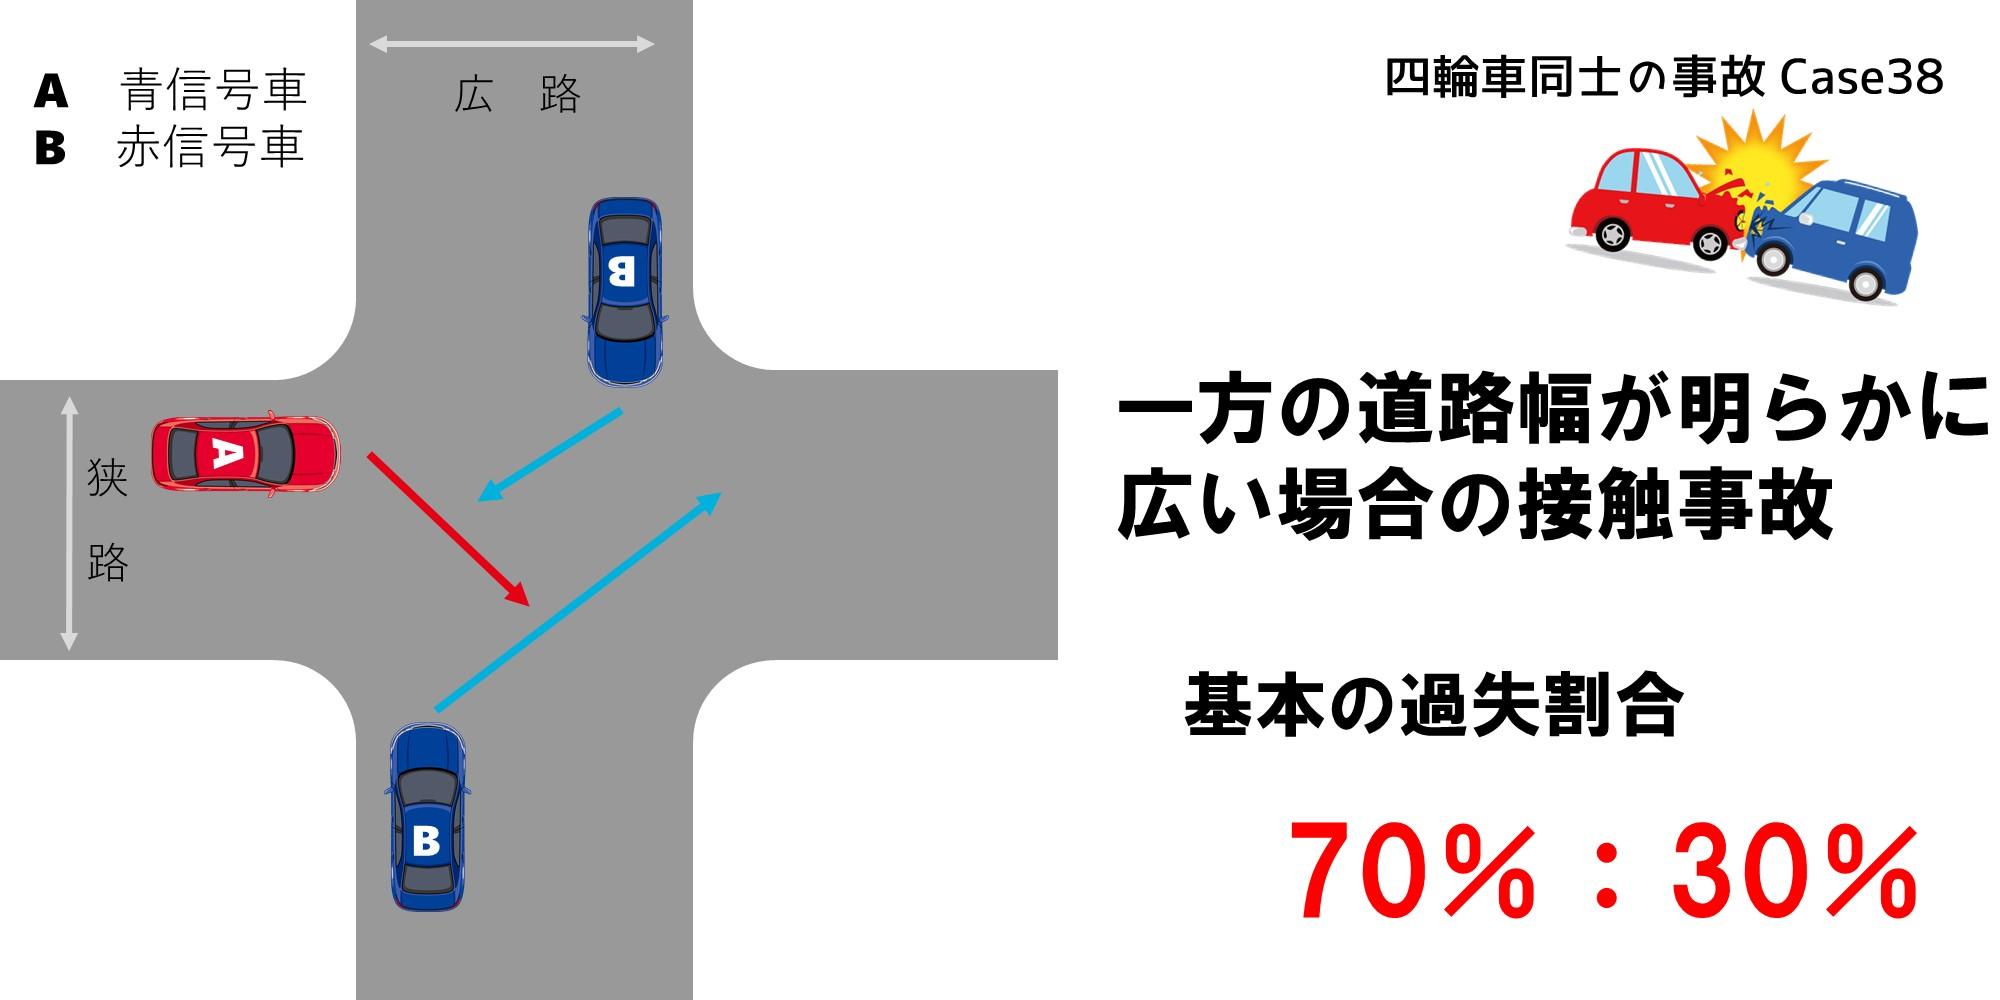 一方の道路幅が明らかに広い場合の過失割合